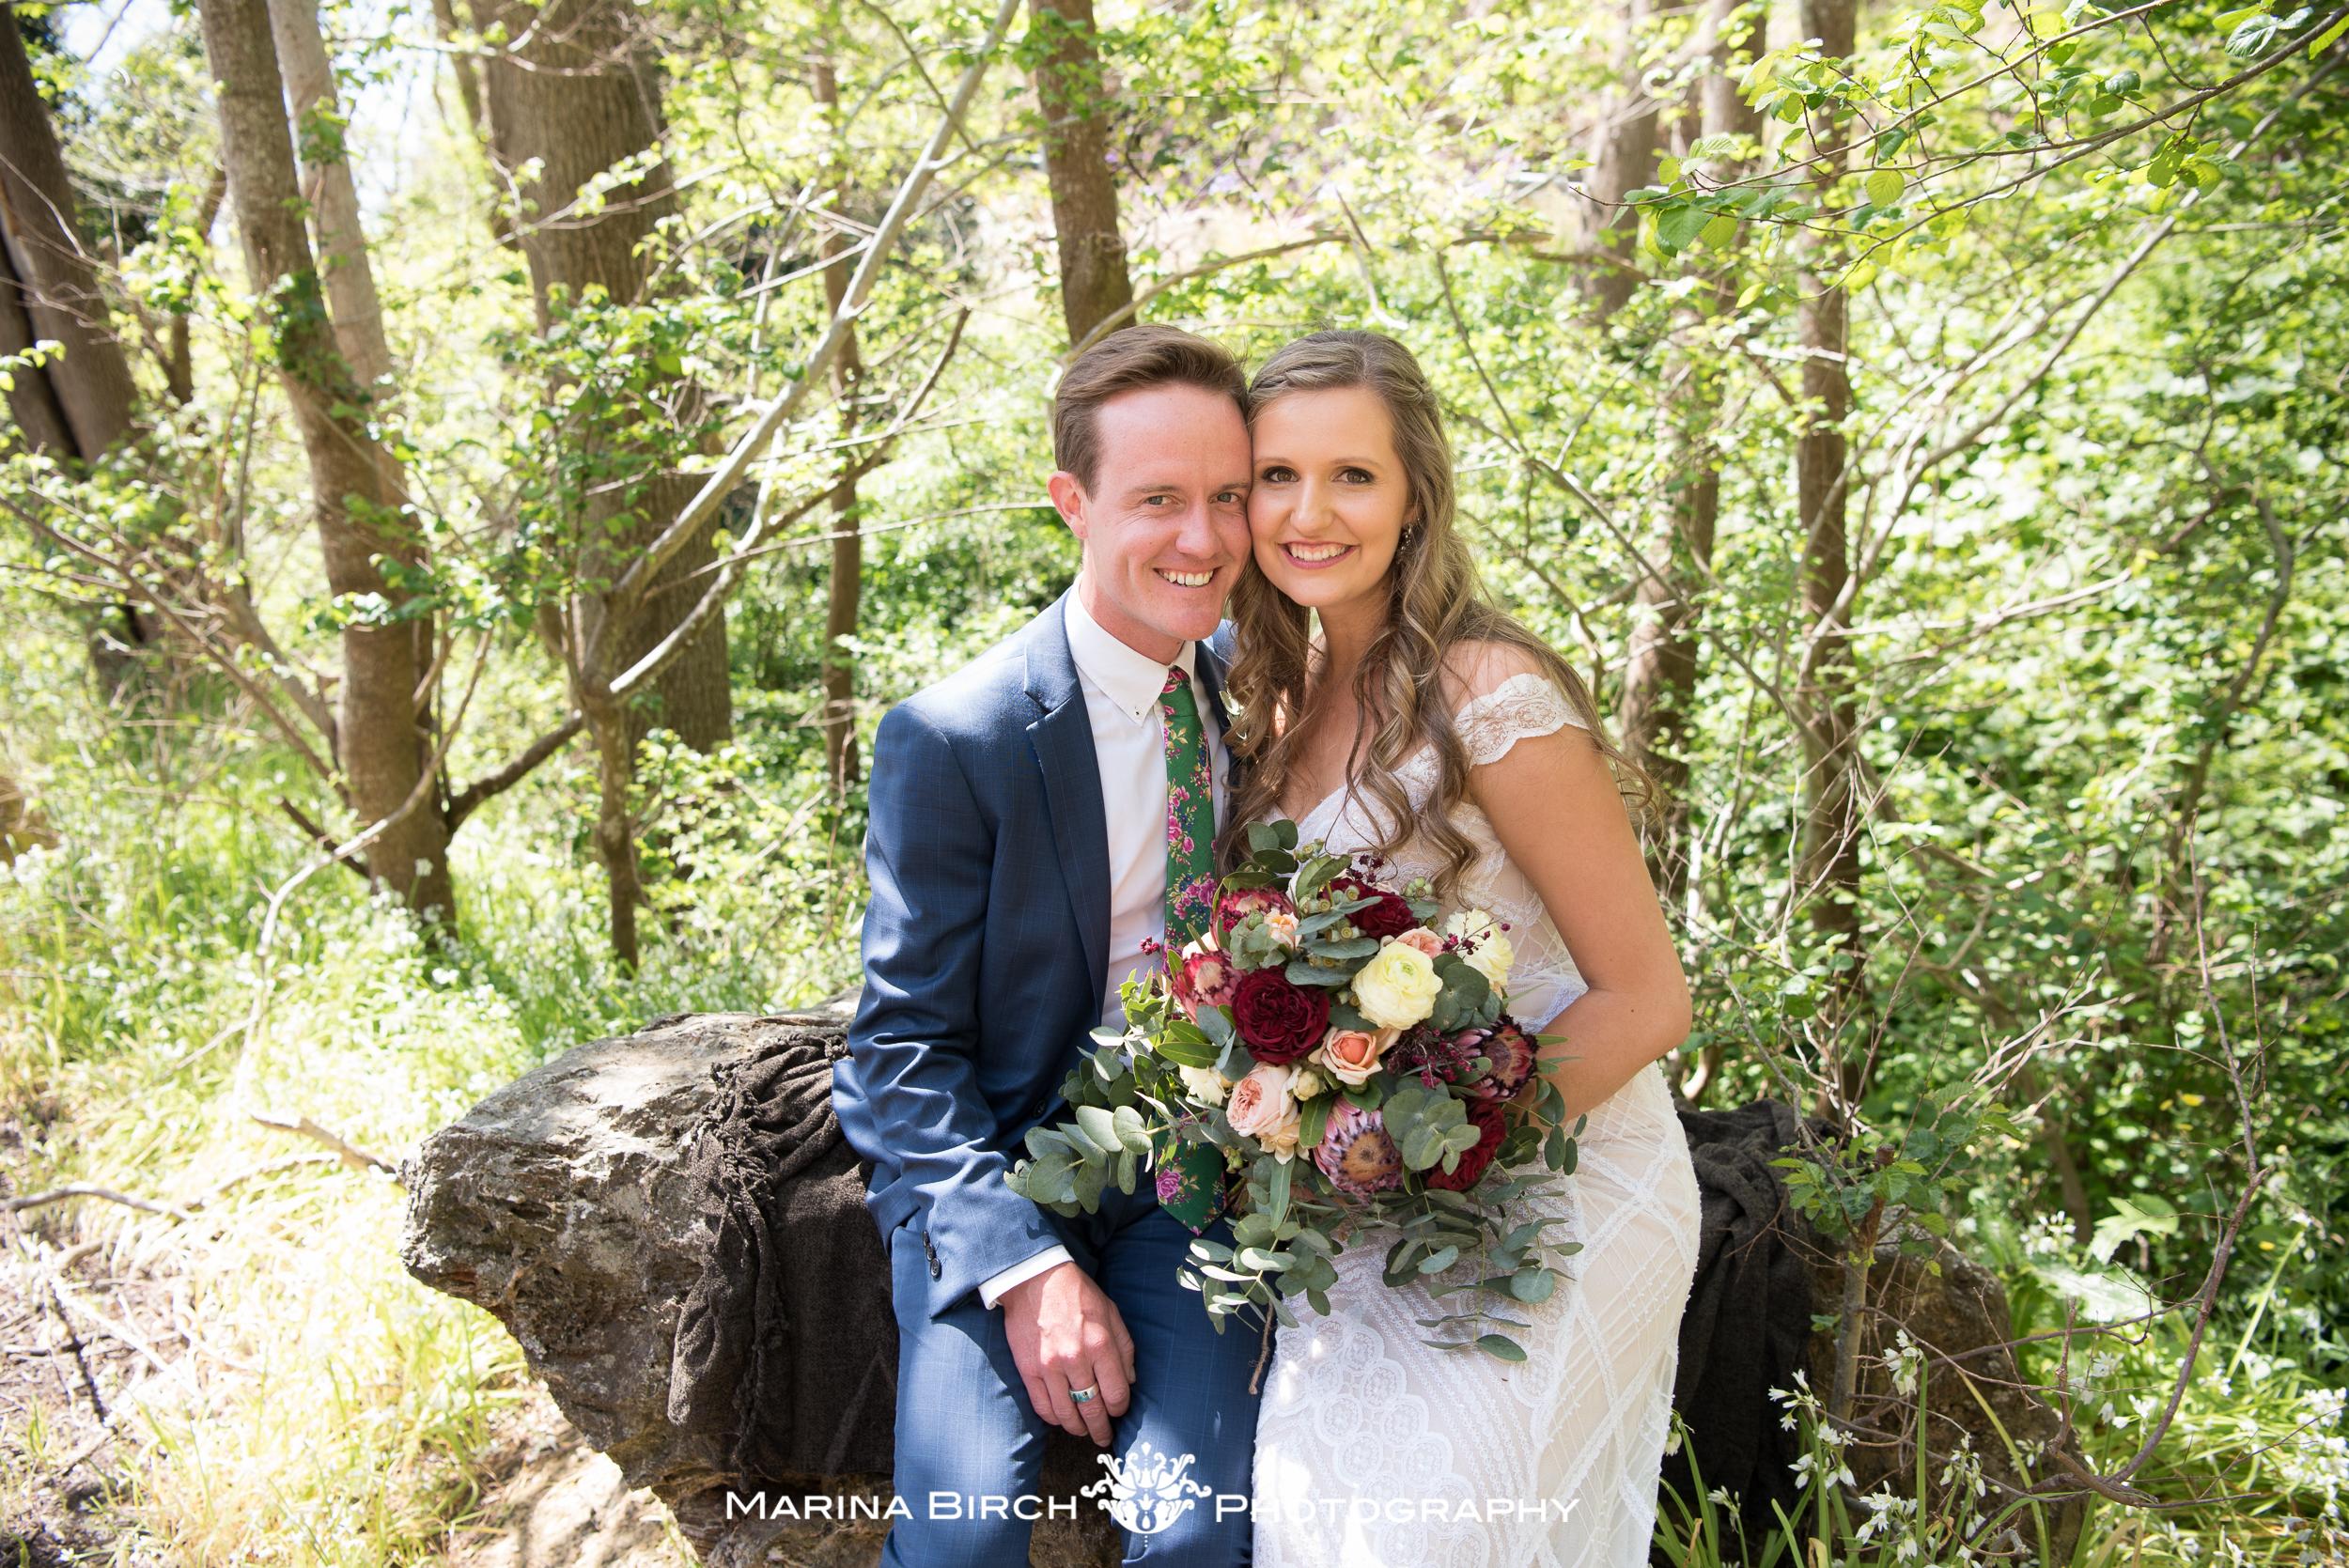 MBP.wedding -12.jpg